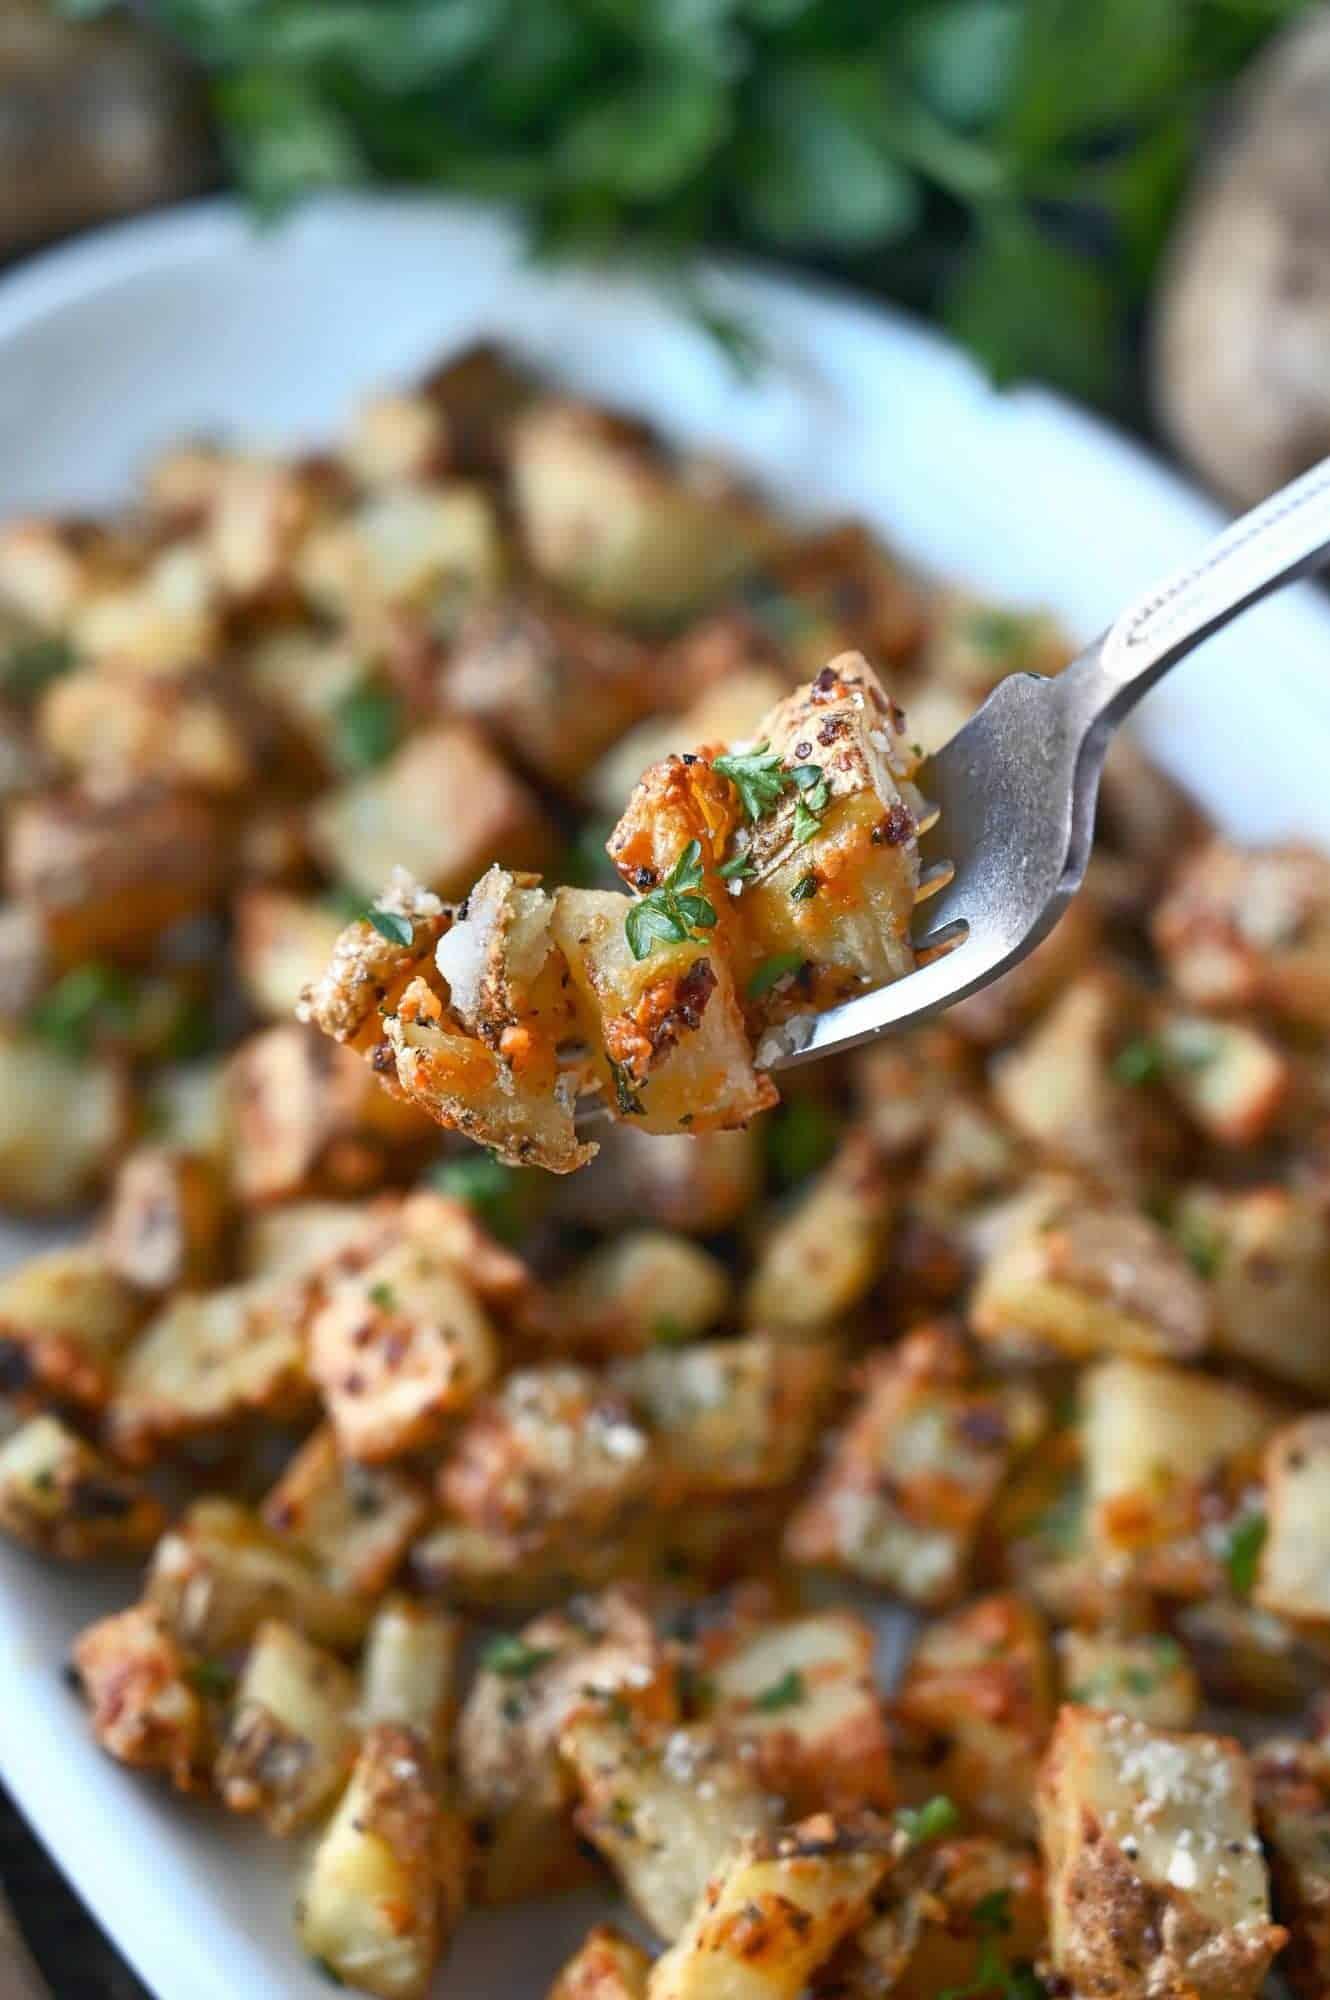 garlic parmesan potatoes on a fork.